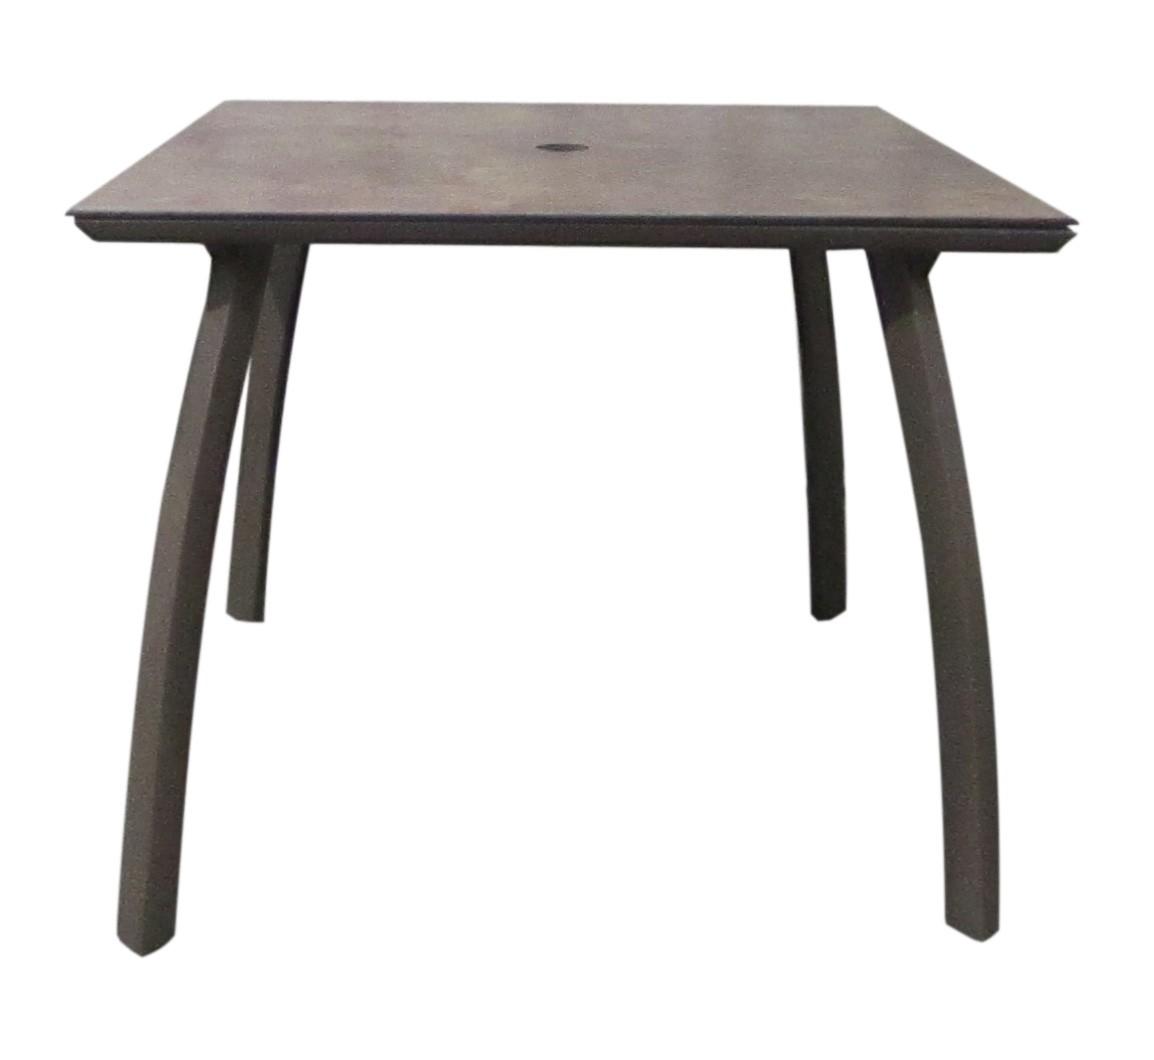 Aluminium Table, Cask Metal w/ Satin Finish